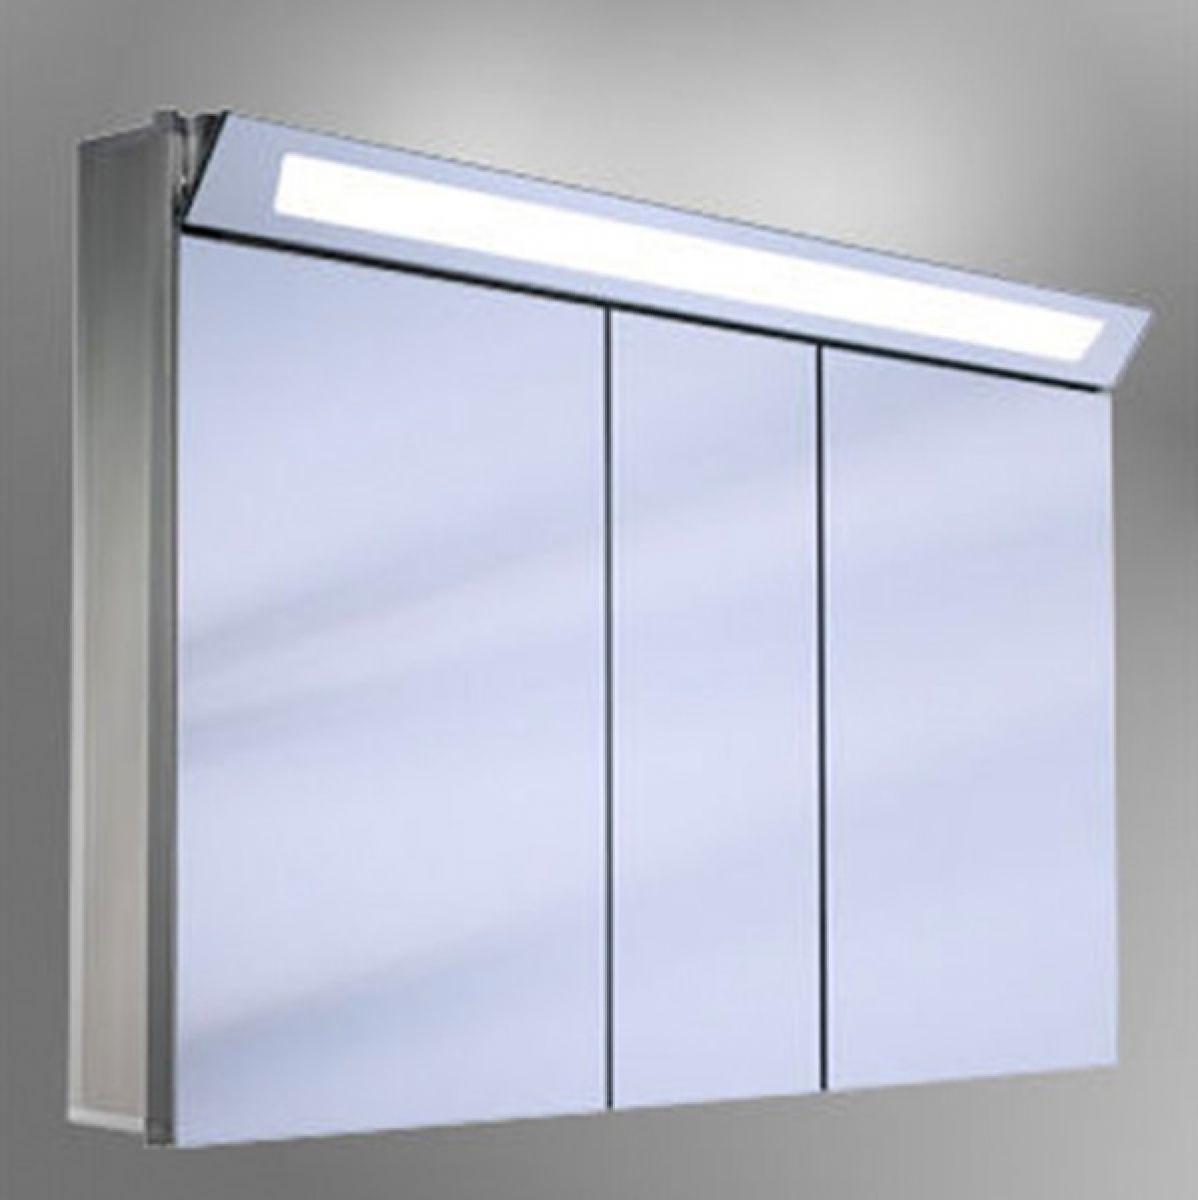 Schneider capeline triple door illuminated mirror cabinet uk bathrooms for Illuminated mirrors for bathrooms